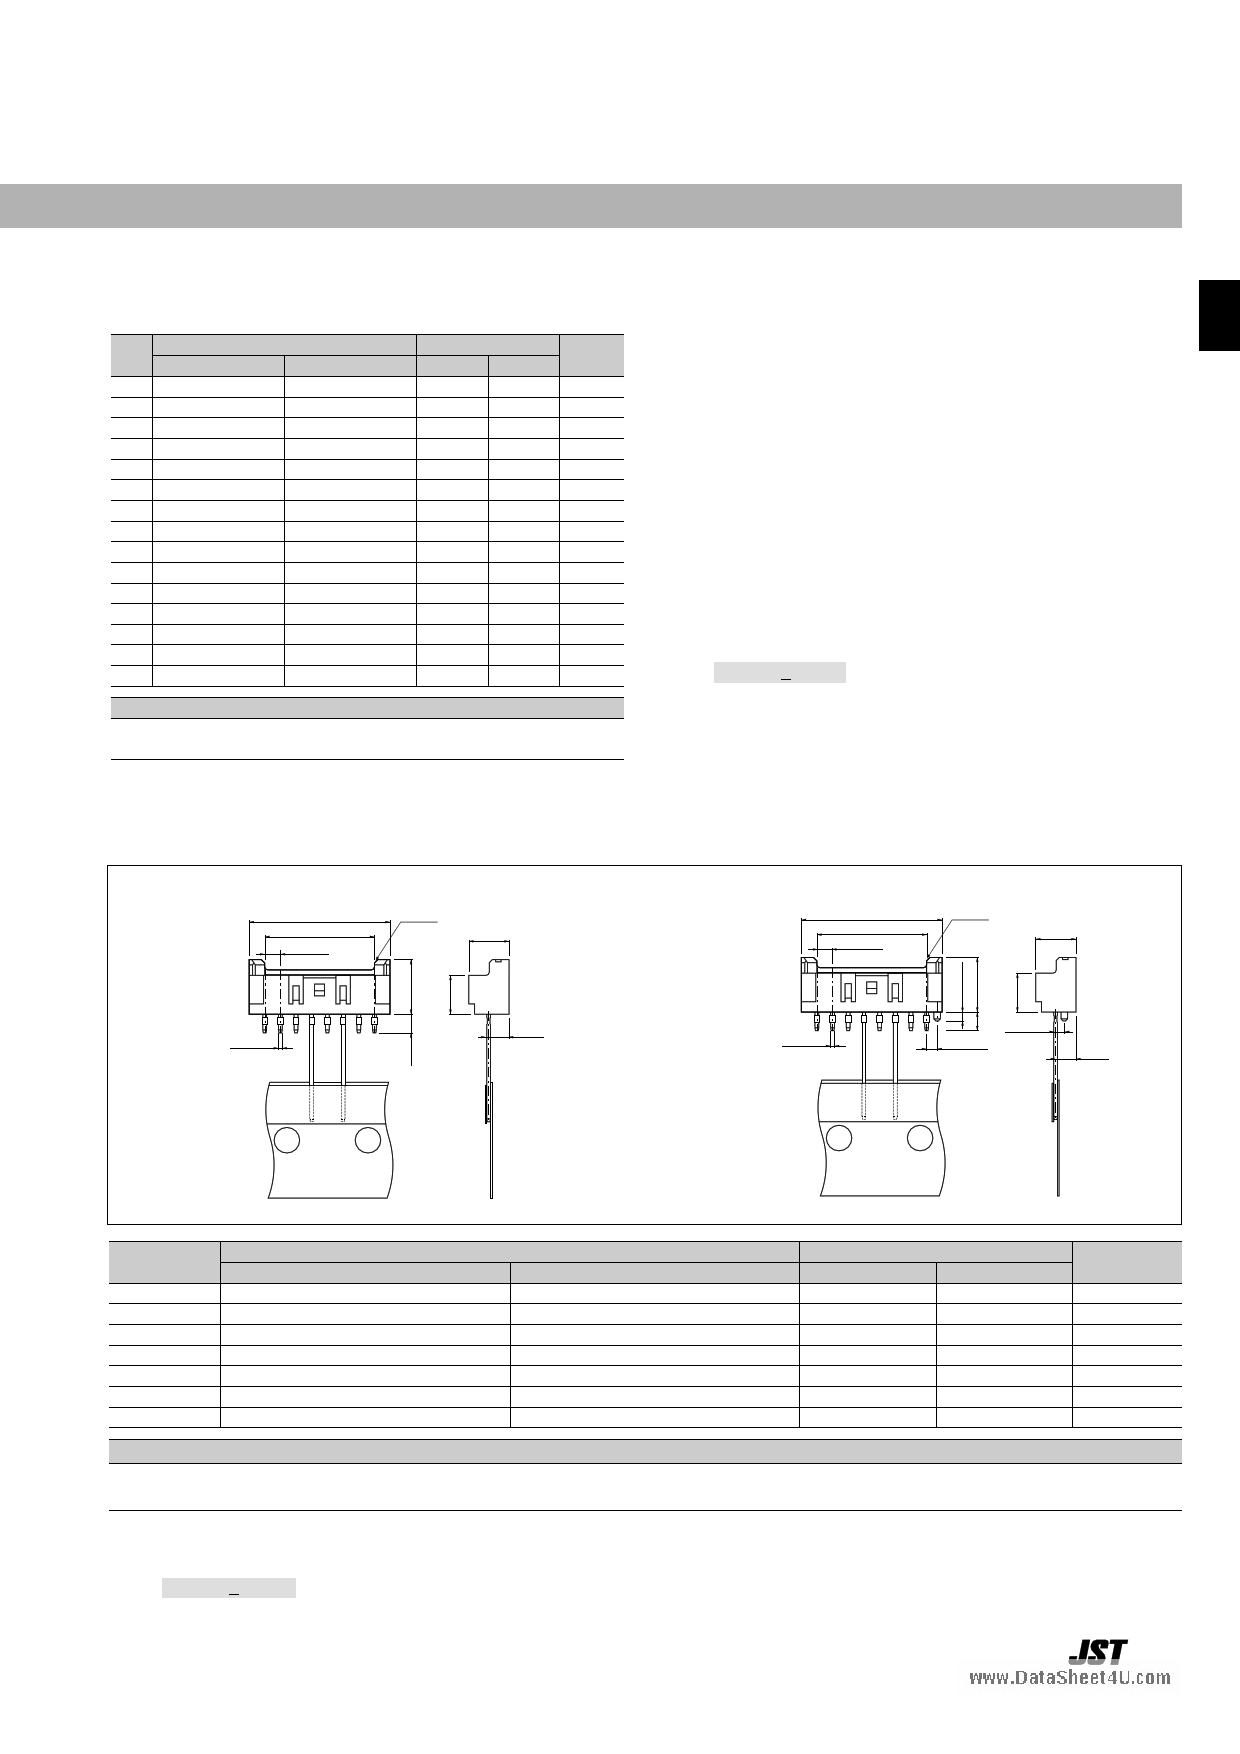 B-03B-XASS-1-A-T pdf